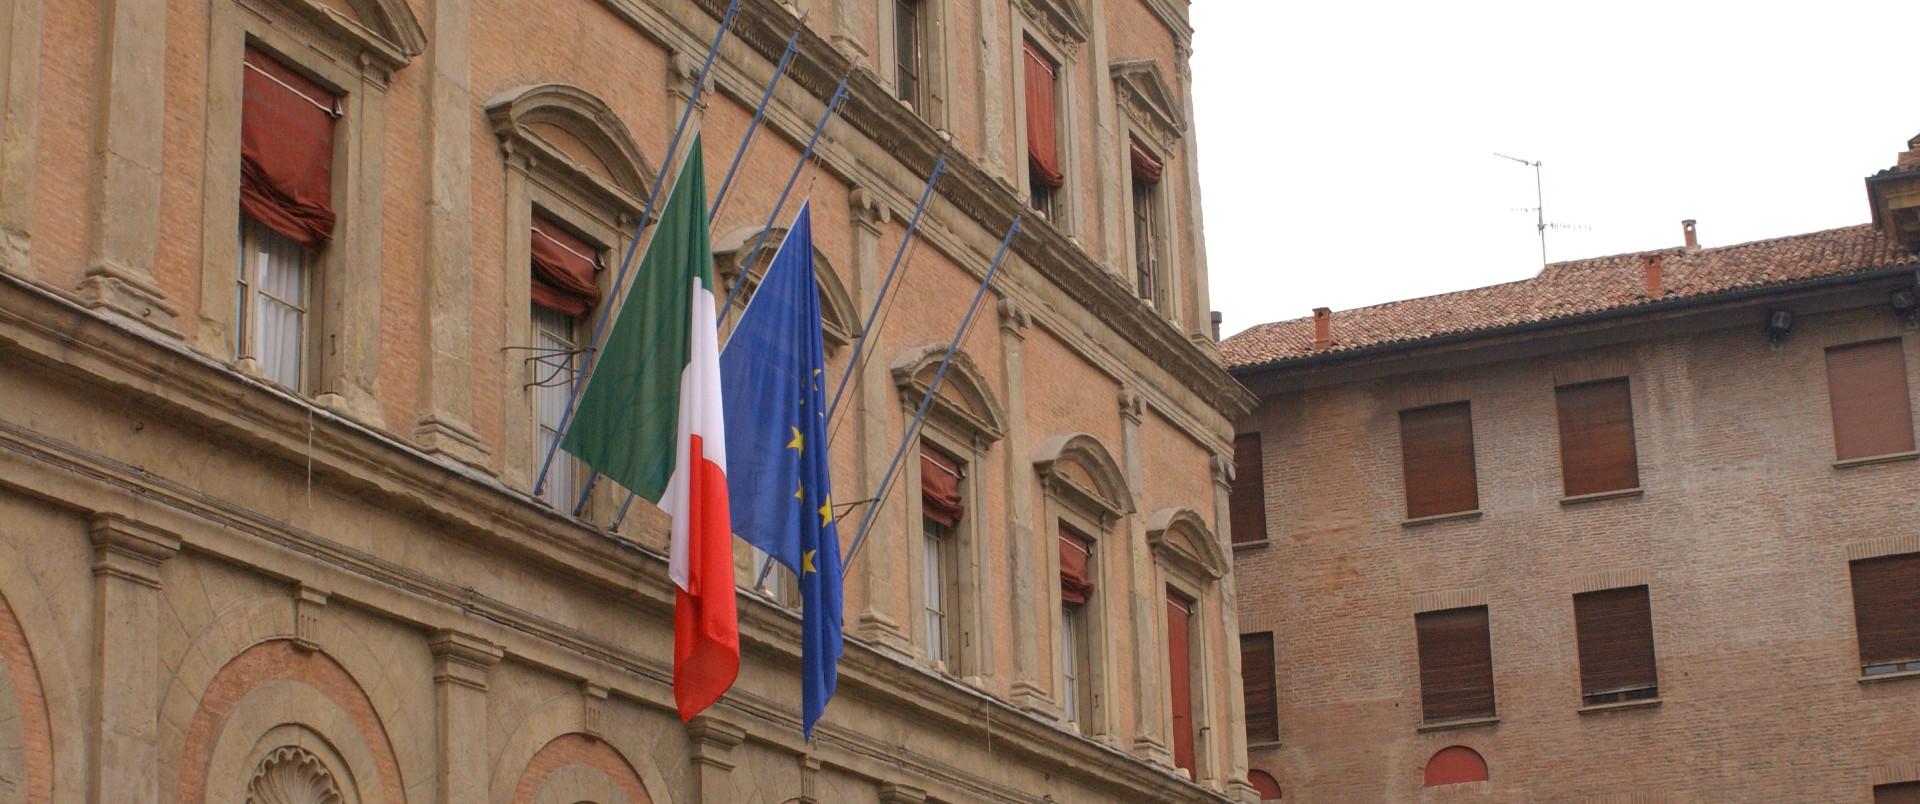 Palazzo Malvezzi - Archivio Città metropolitana